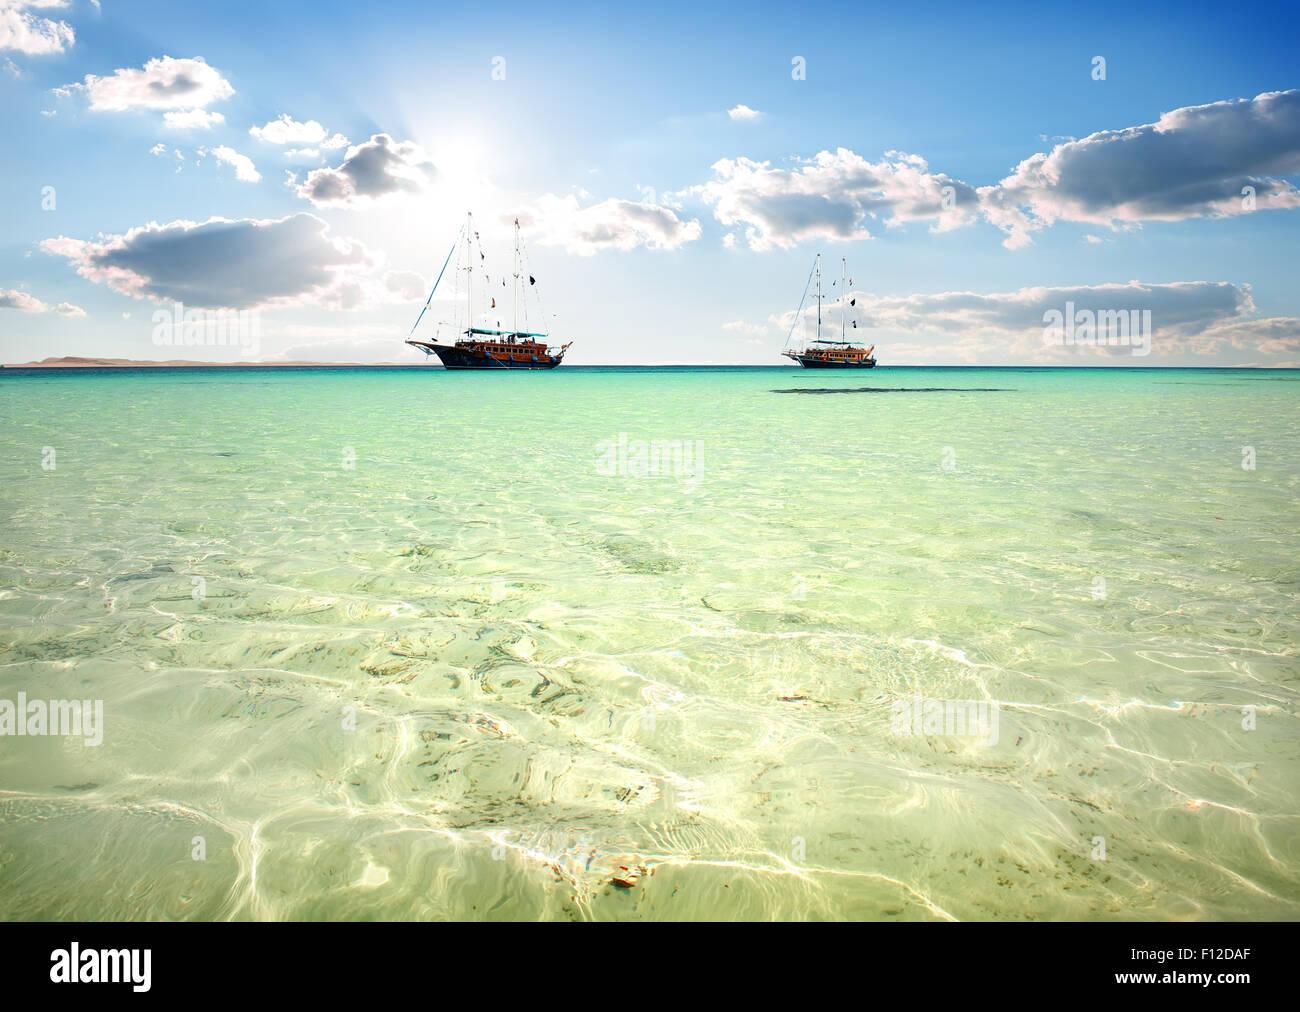 Zwei Segelboote im türkisfarbenen Meer unter Sonnenlicht Stockbild